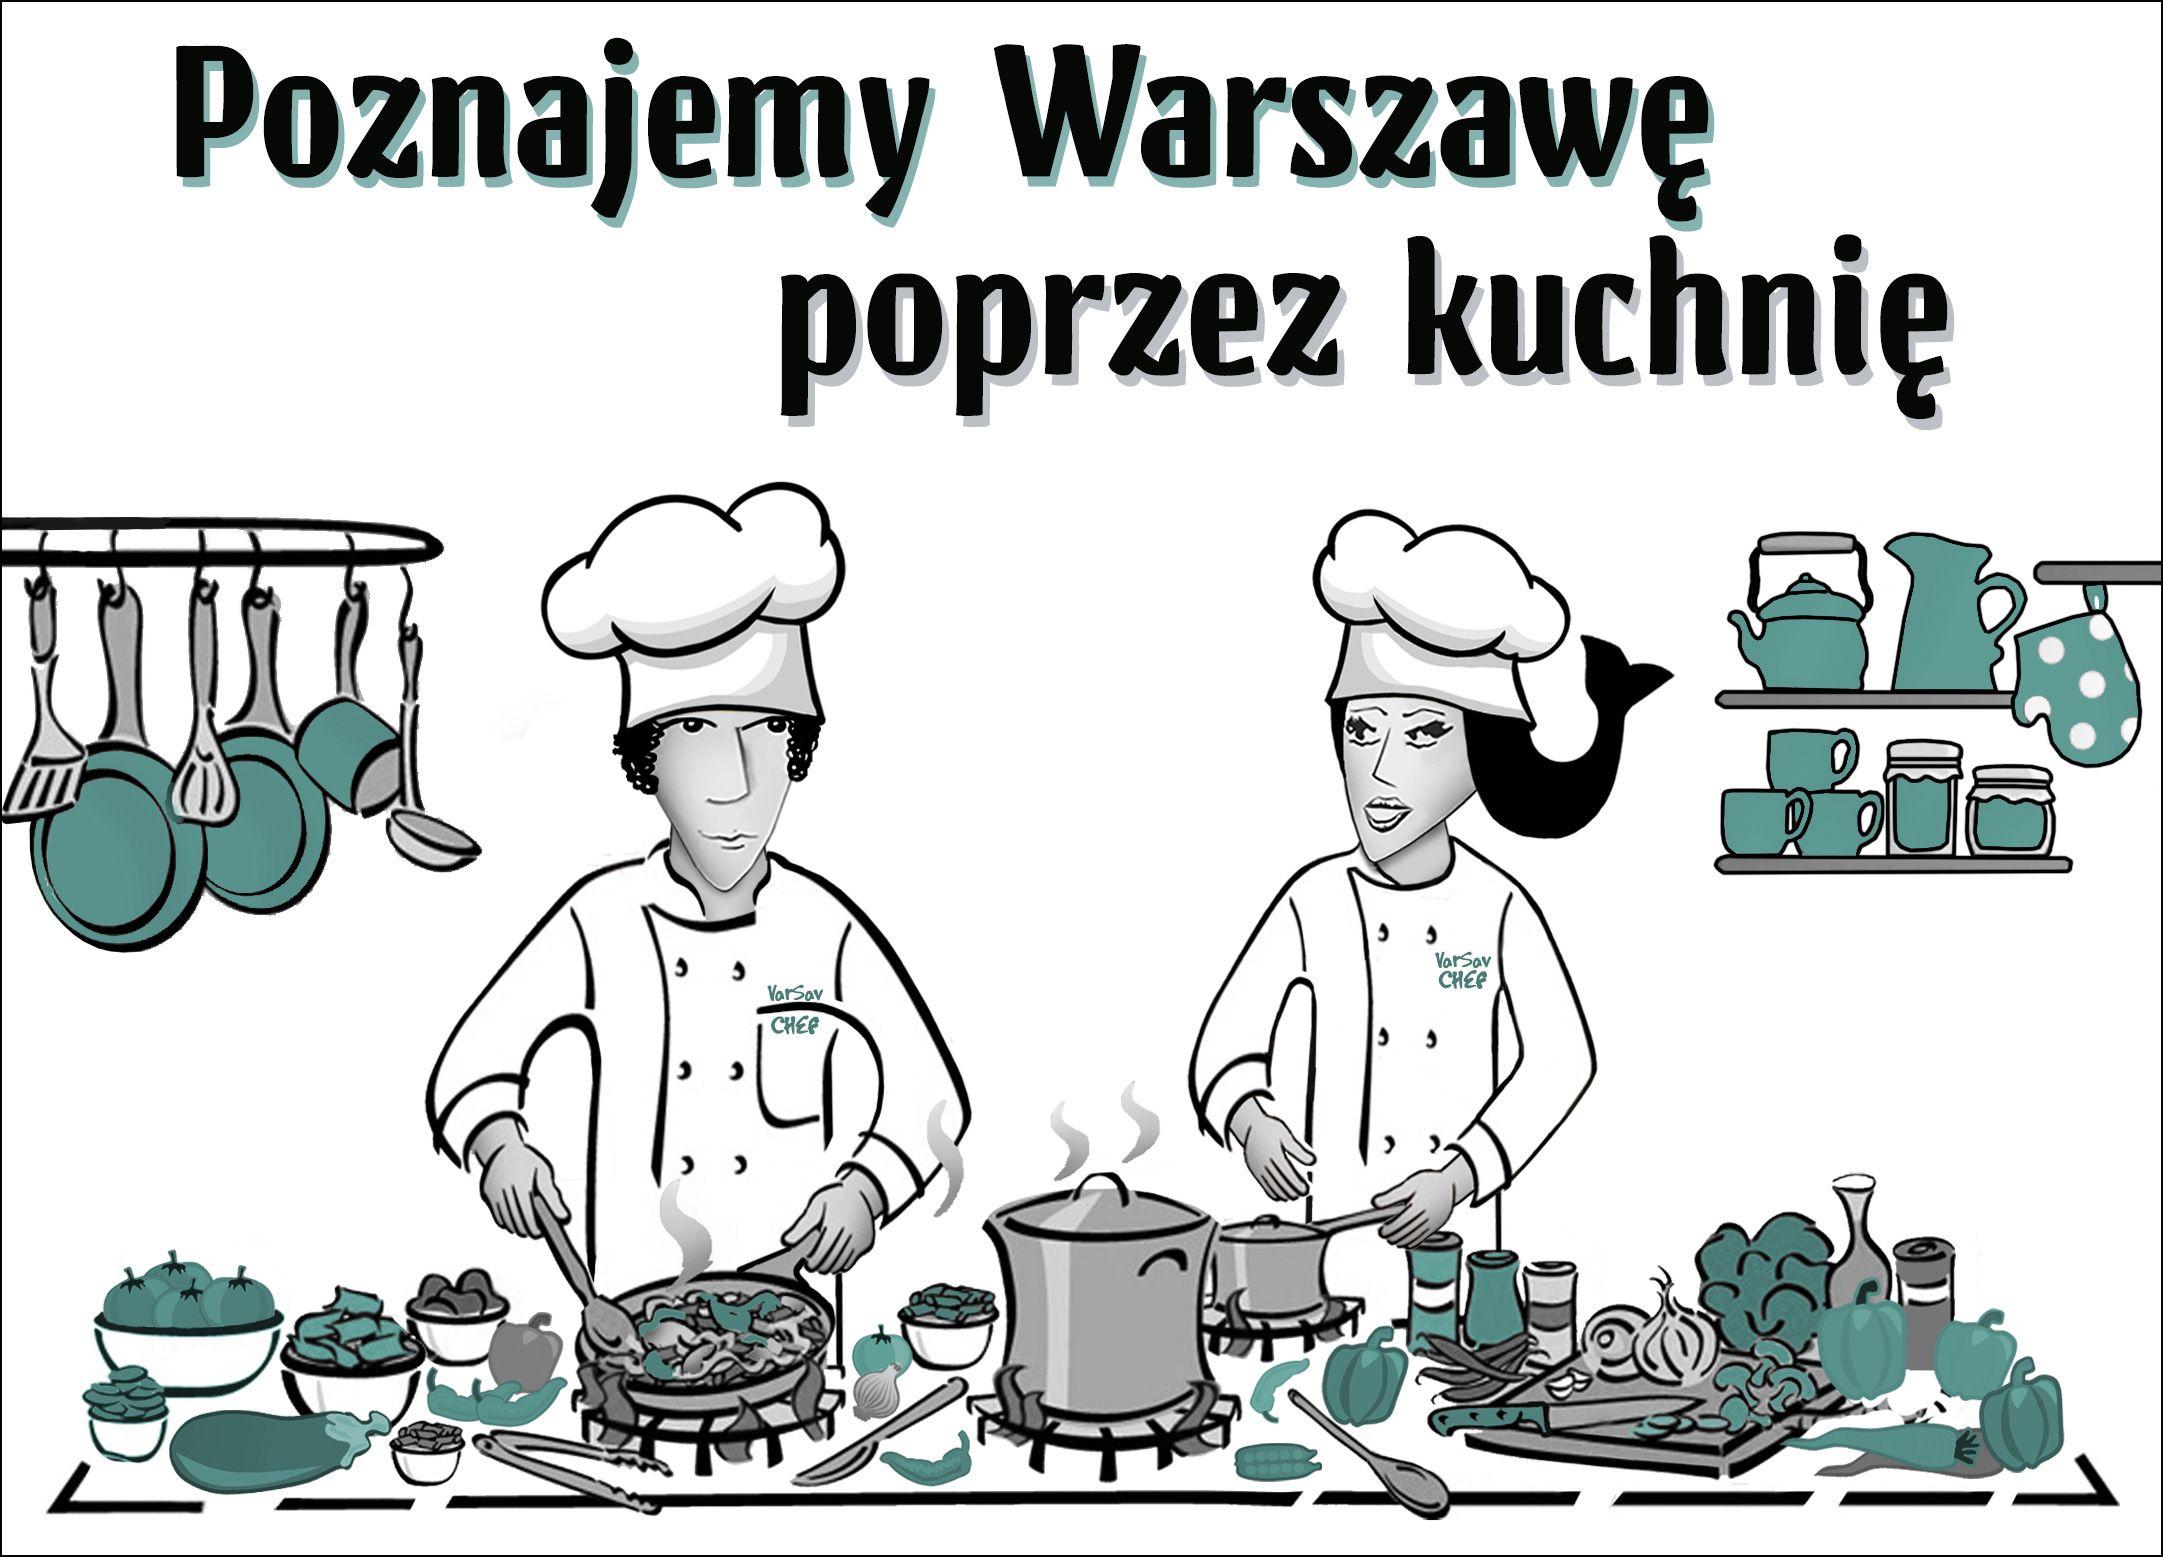 Poznajemy Warszawę poprzez kuchnię